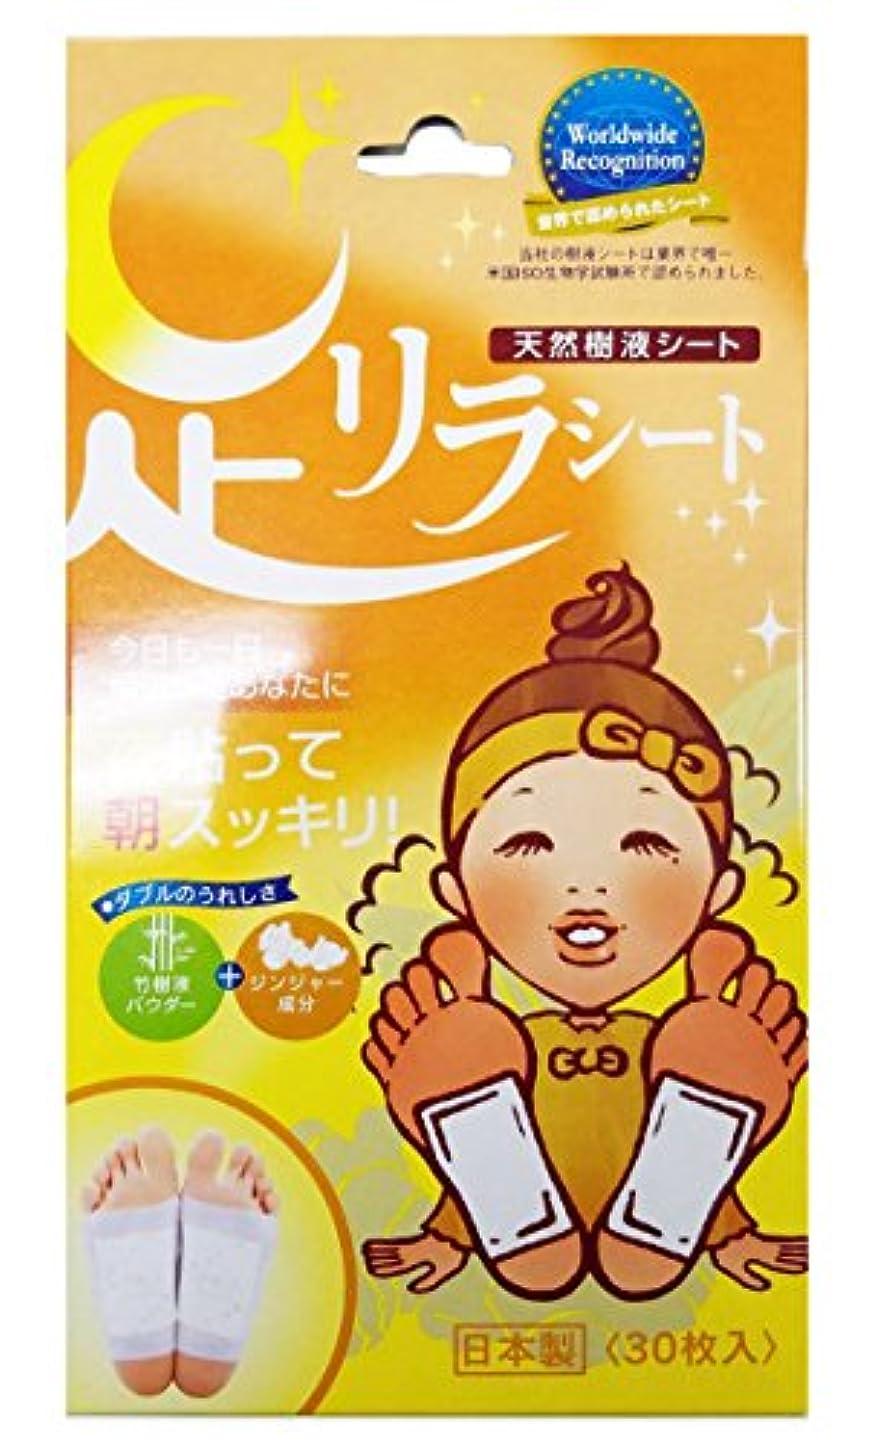 エキゾチックシンジケートママ樹の恵 足リラシート ジンジャー 30枚入